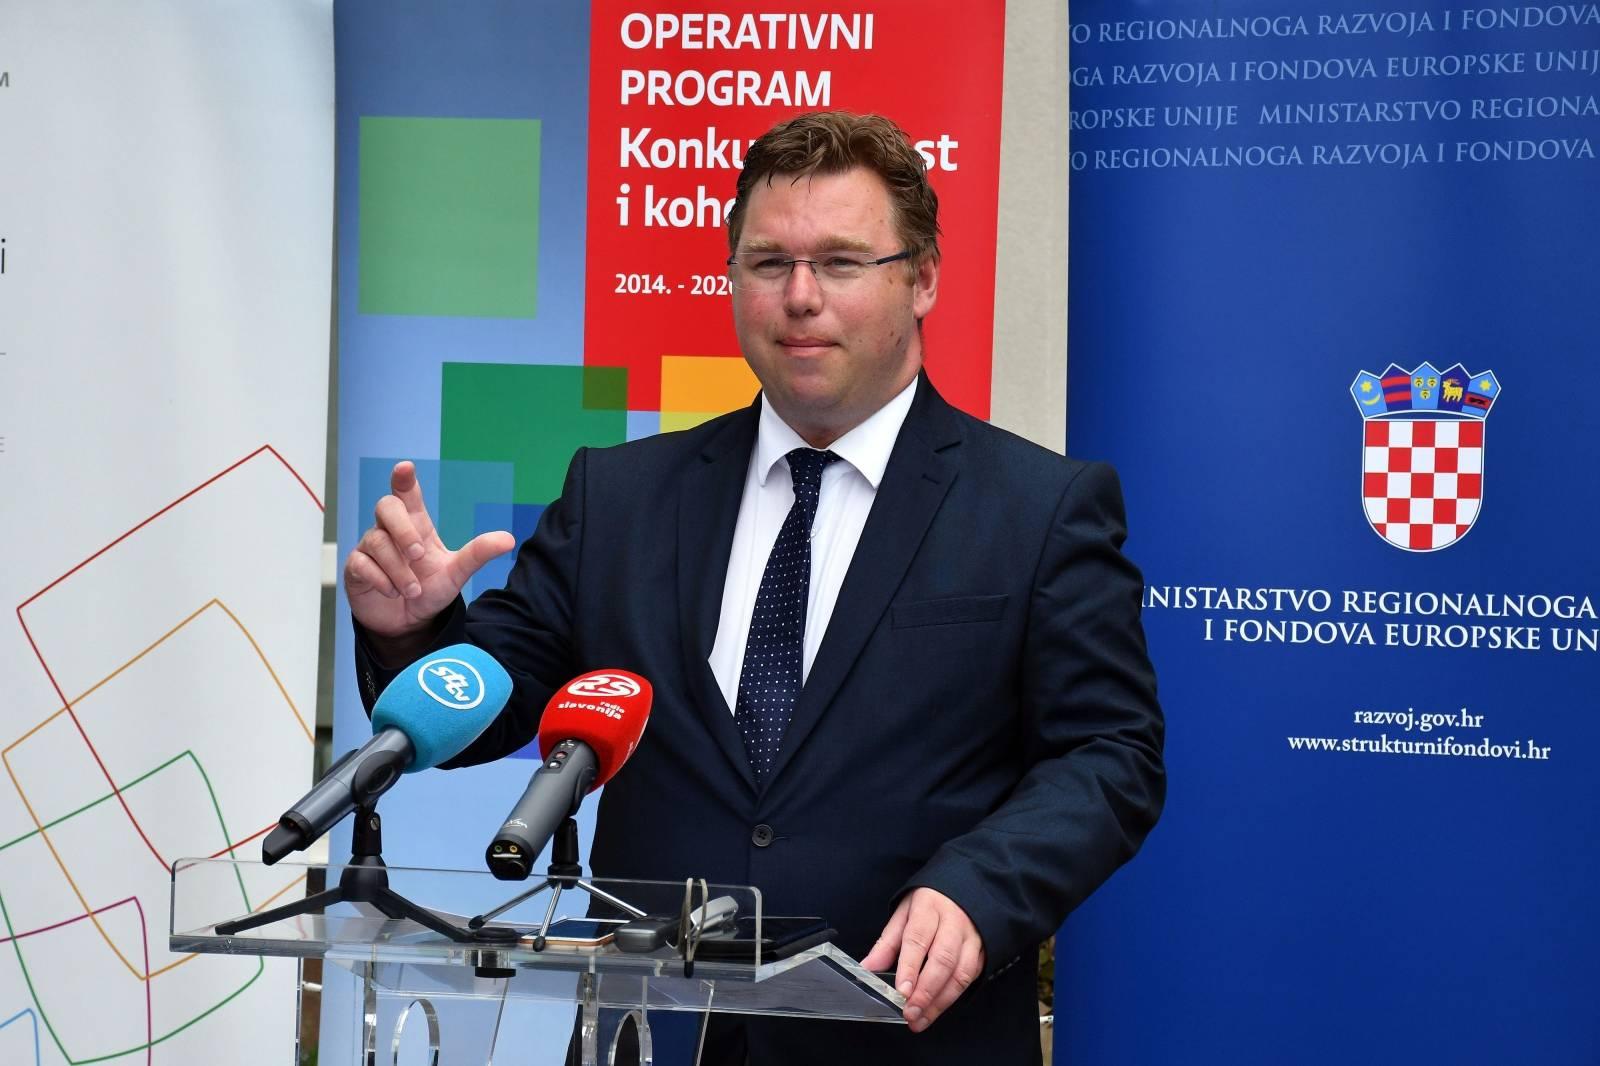 Slavonski Brod: Ministar Pavić uručio ugovore o dodjeli bespovratnih sredstava